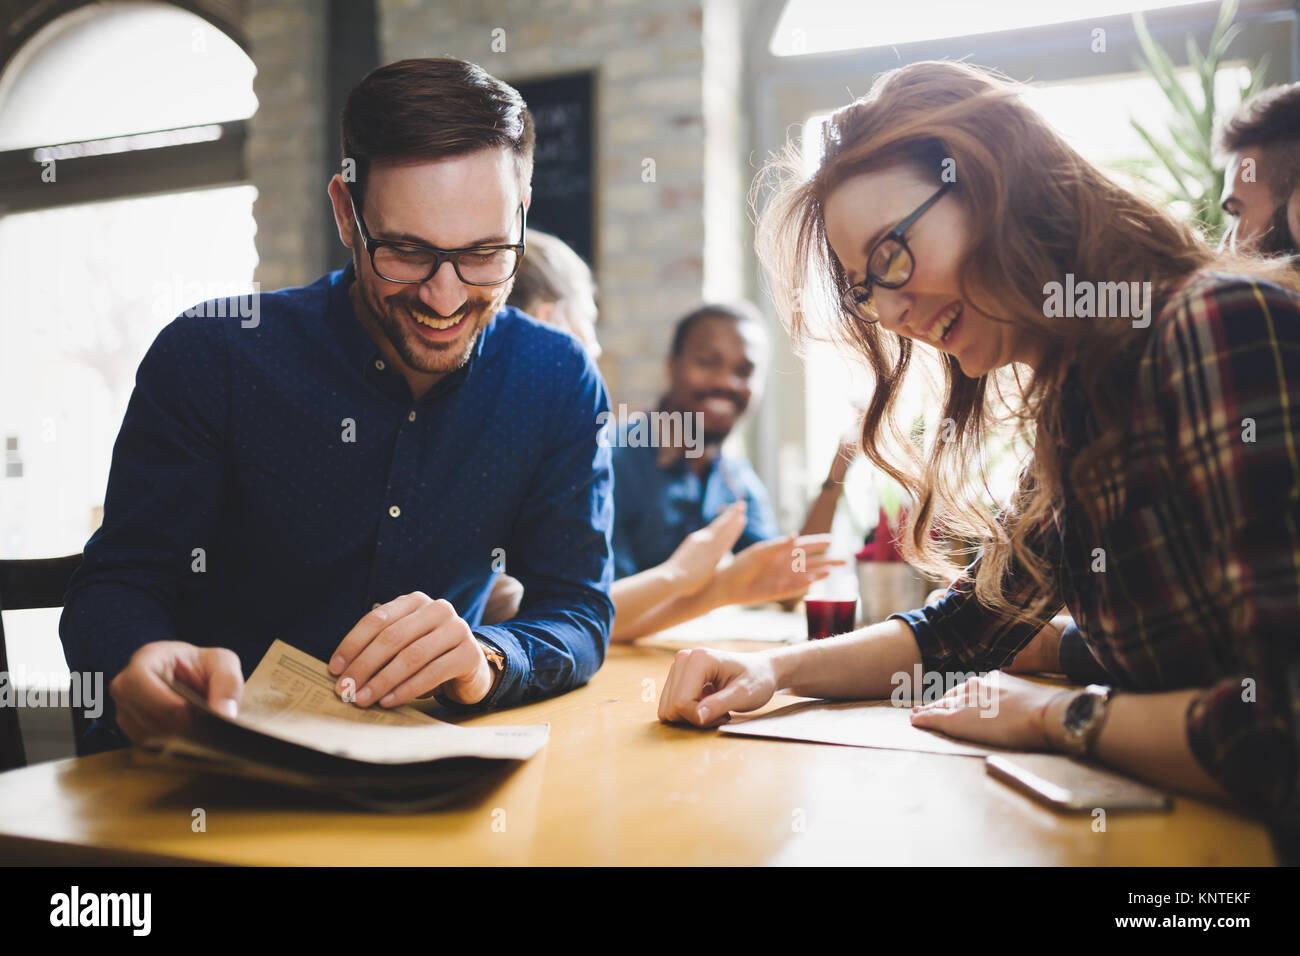 Flirtare collaboratori di andare a mangiare fuori e incontri in ristorante Immagini Stock